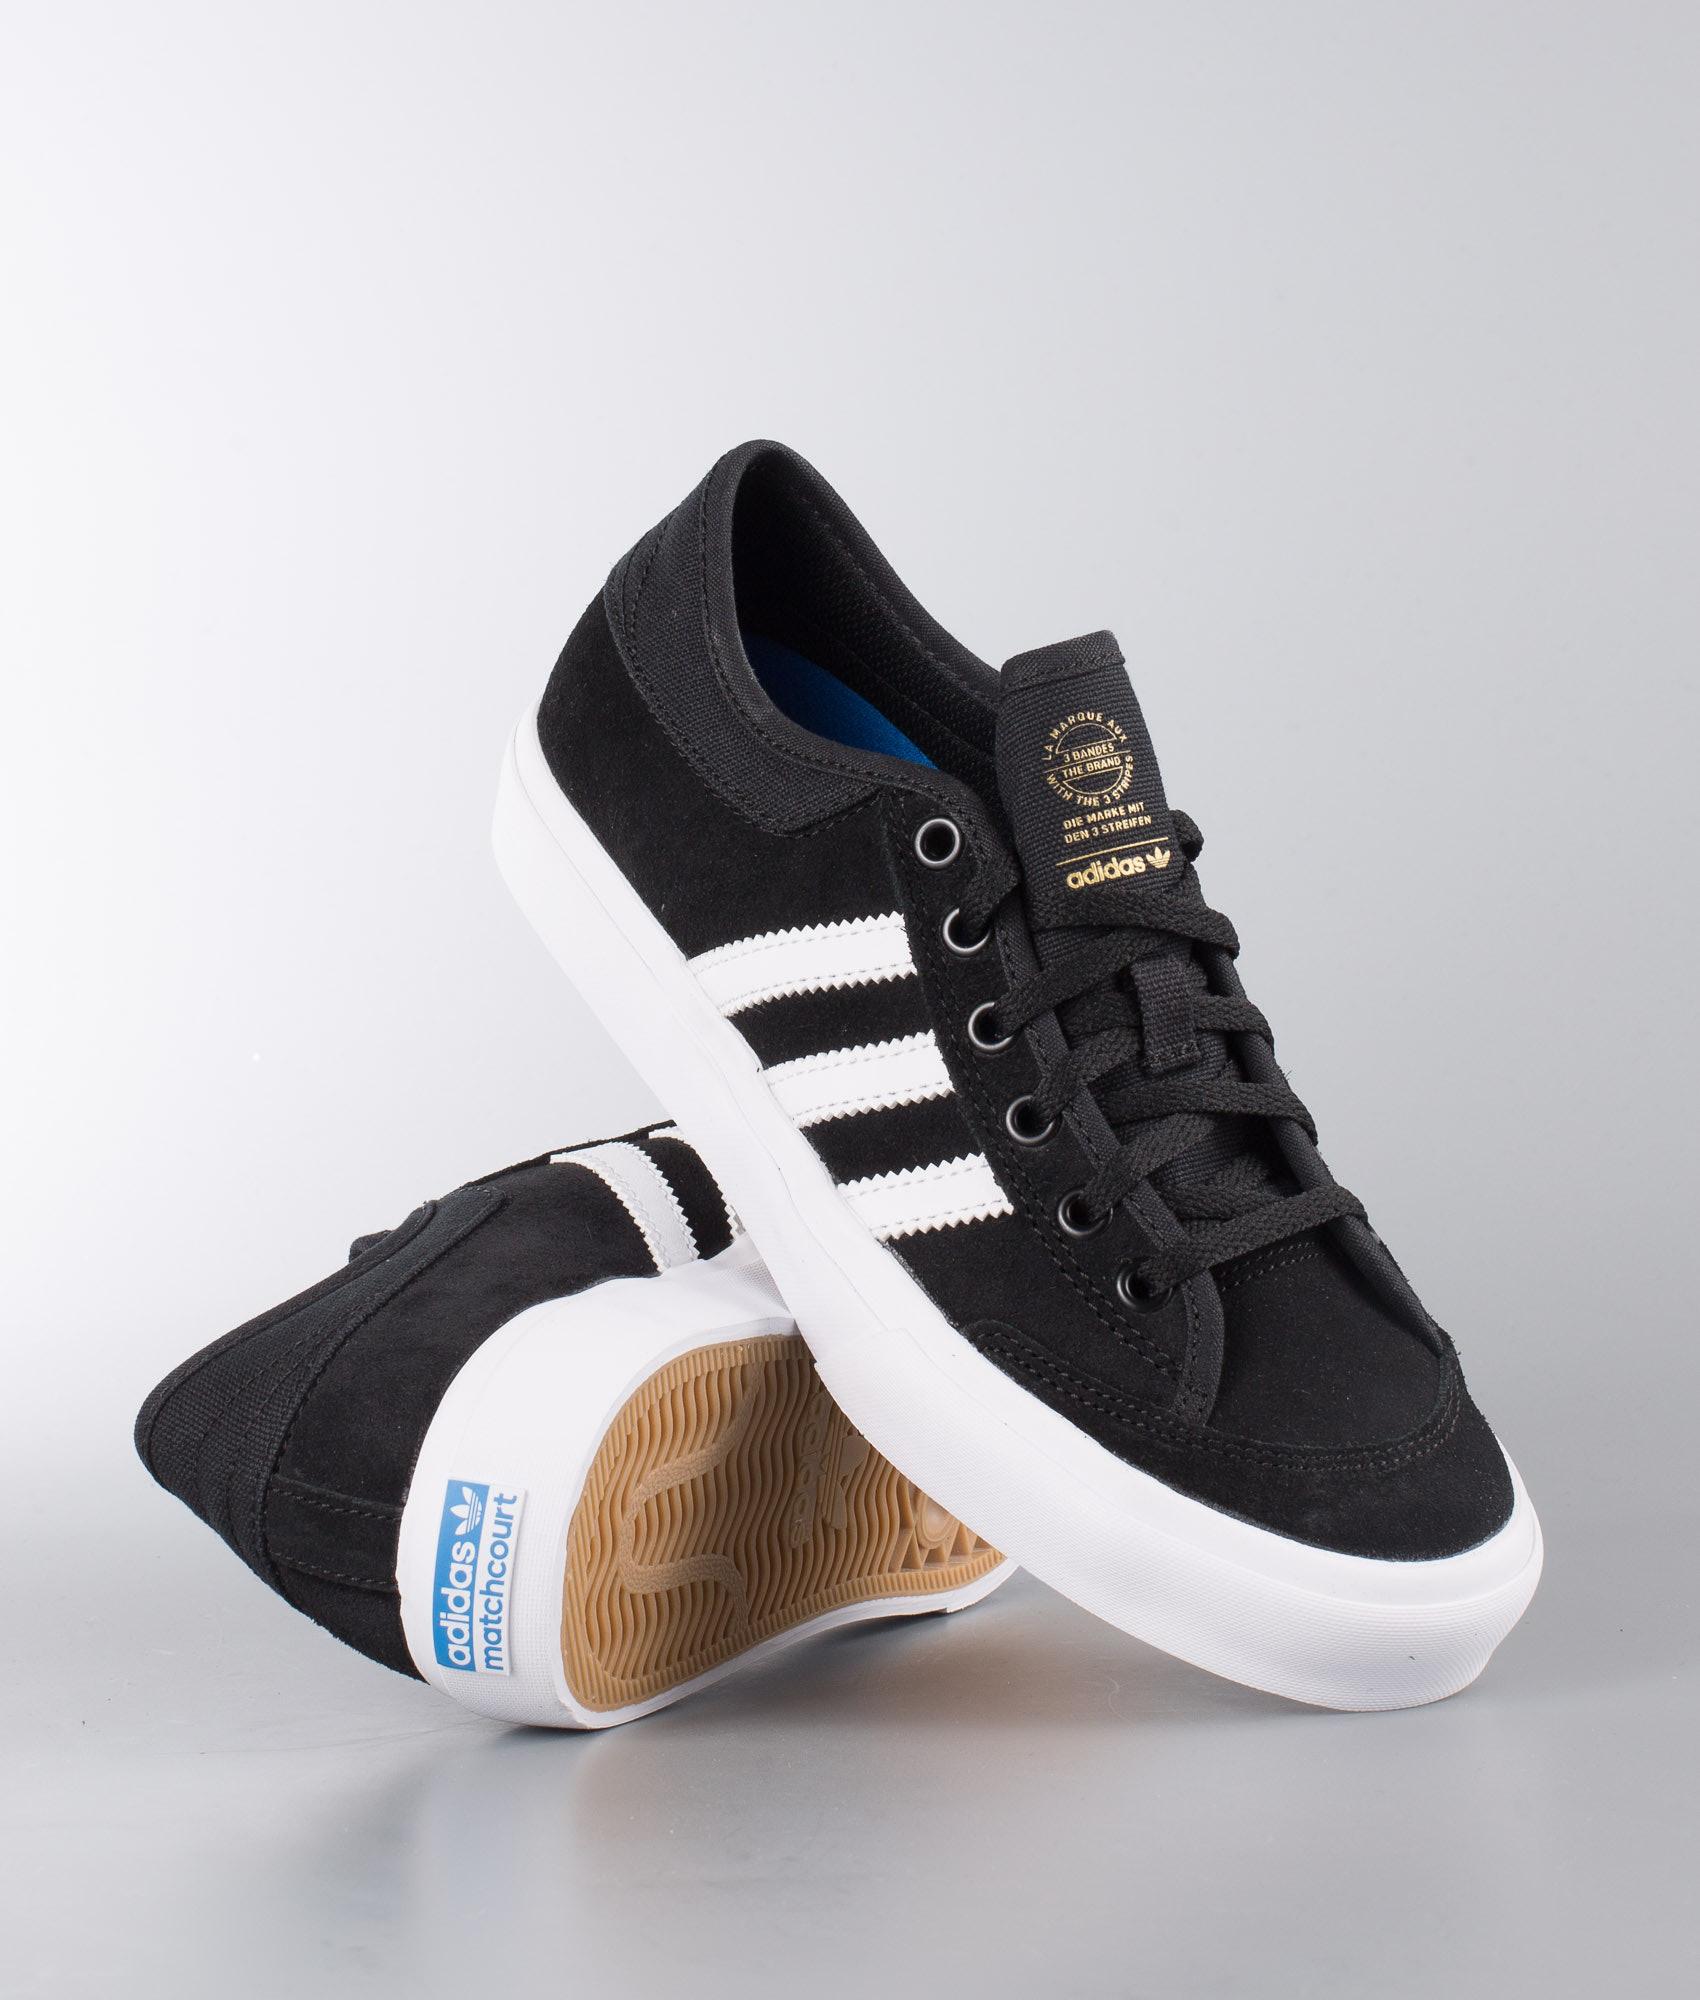 e9987fa5d94 Adidas Skateboarding Matchcourt Shoes Core Black Ftwr White Ftwr ...